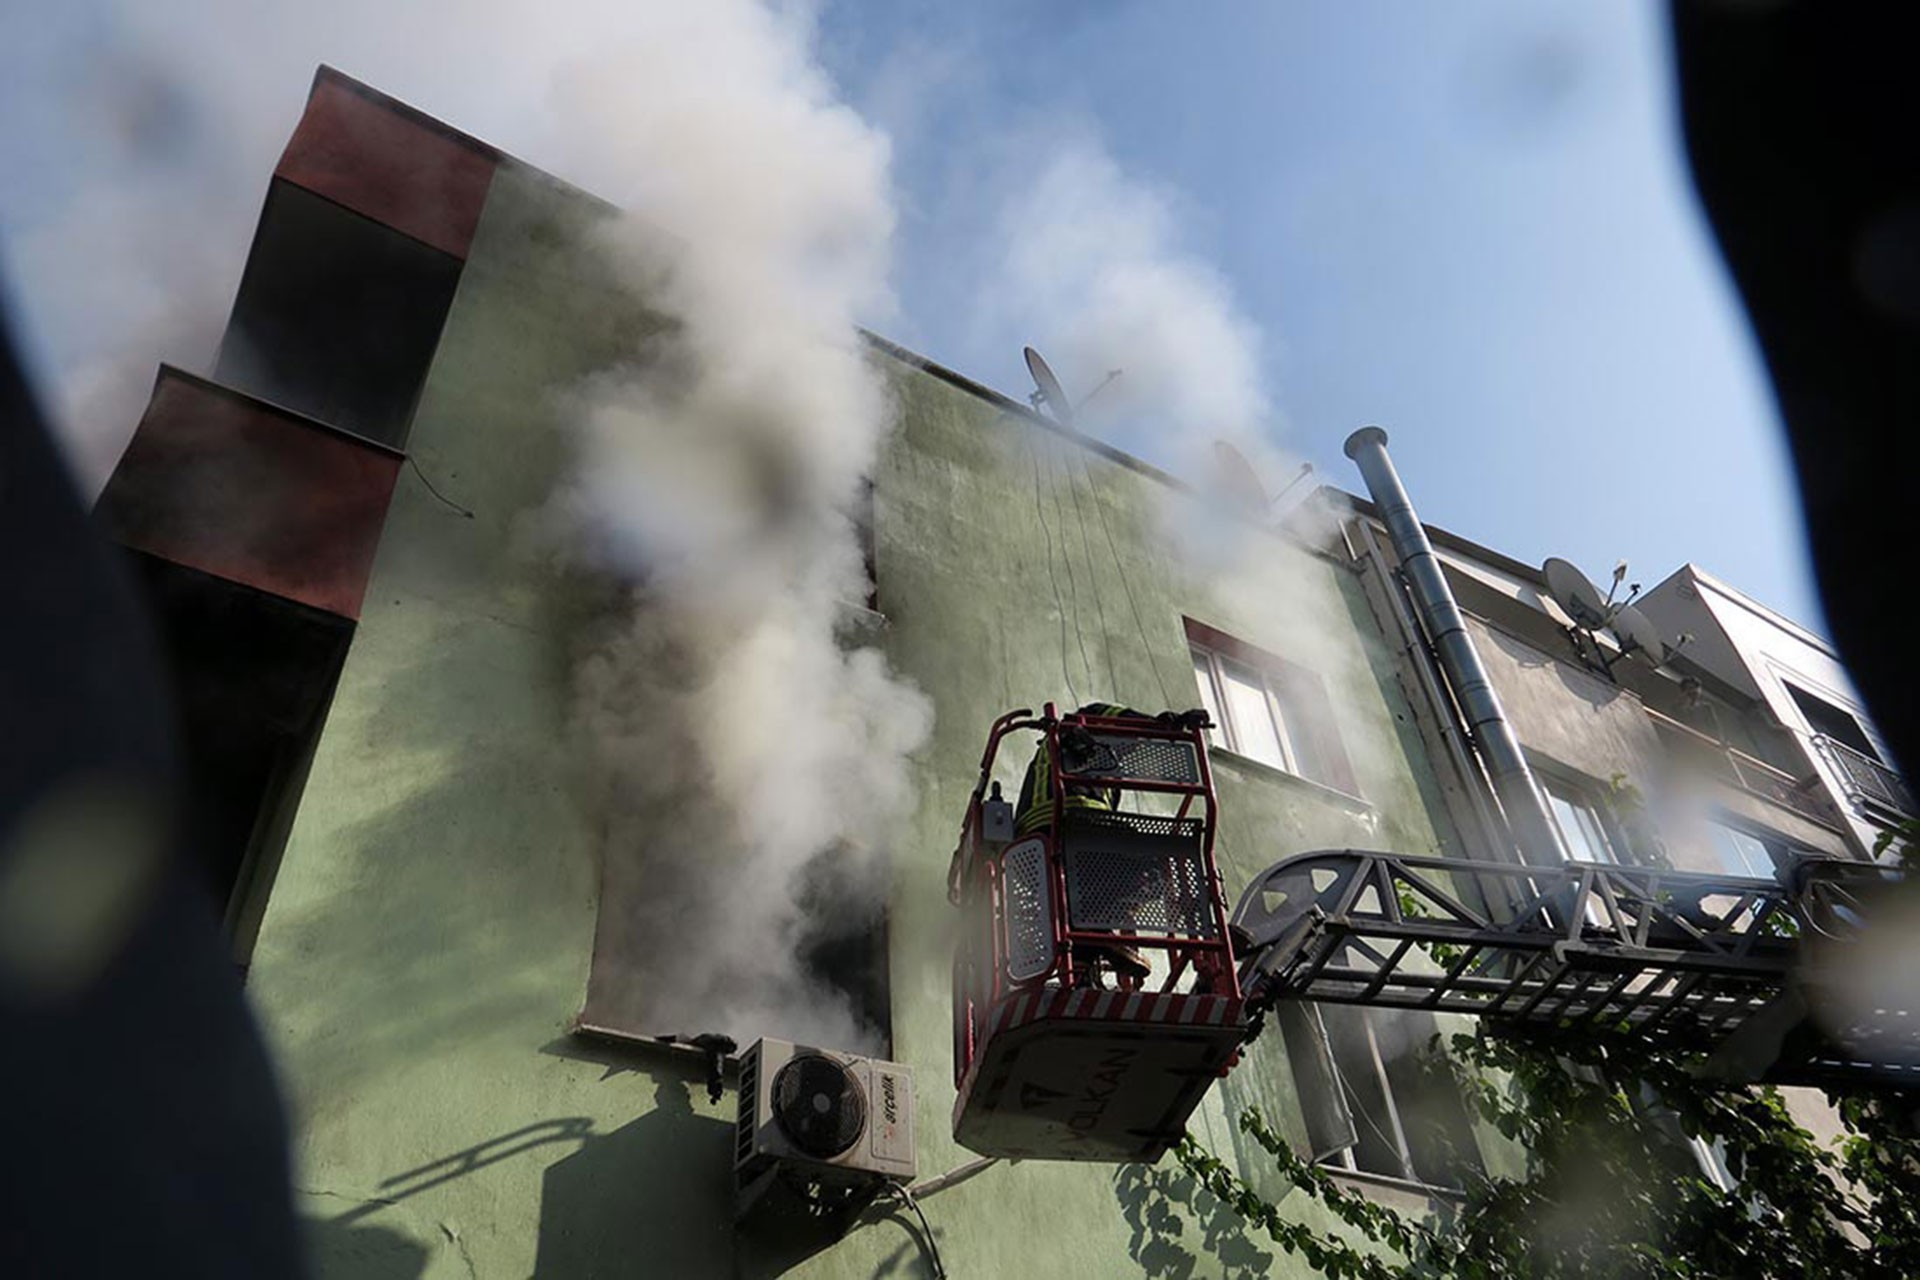 Eşi boşanma davası açtı diye evi yaktı: 2 kişi dumandan etkilendi